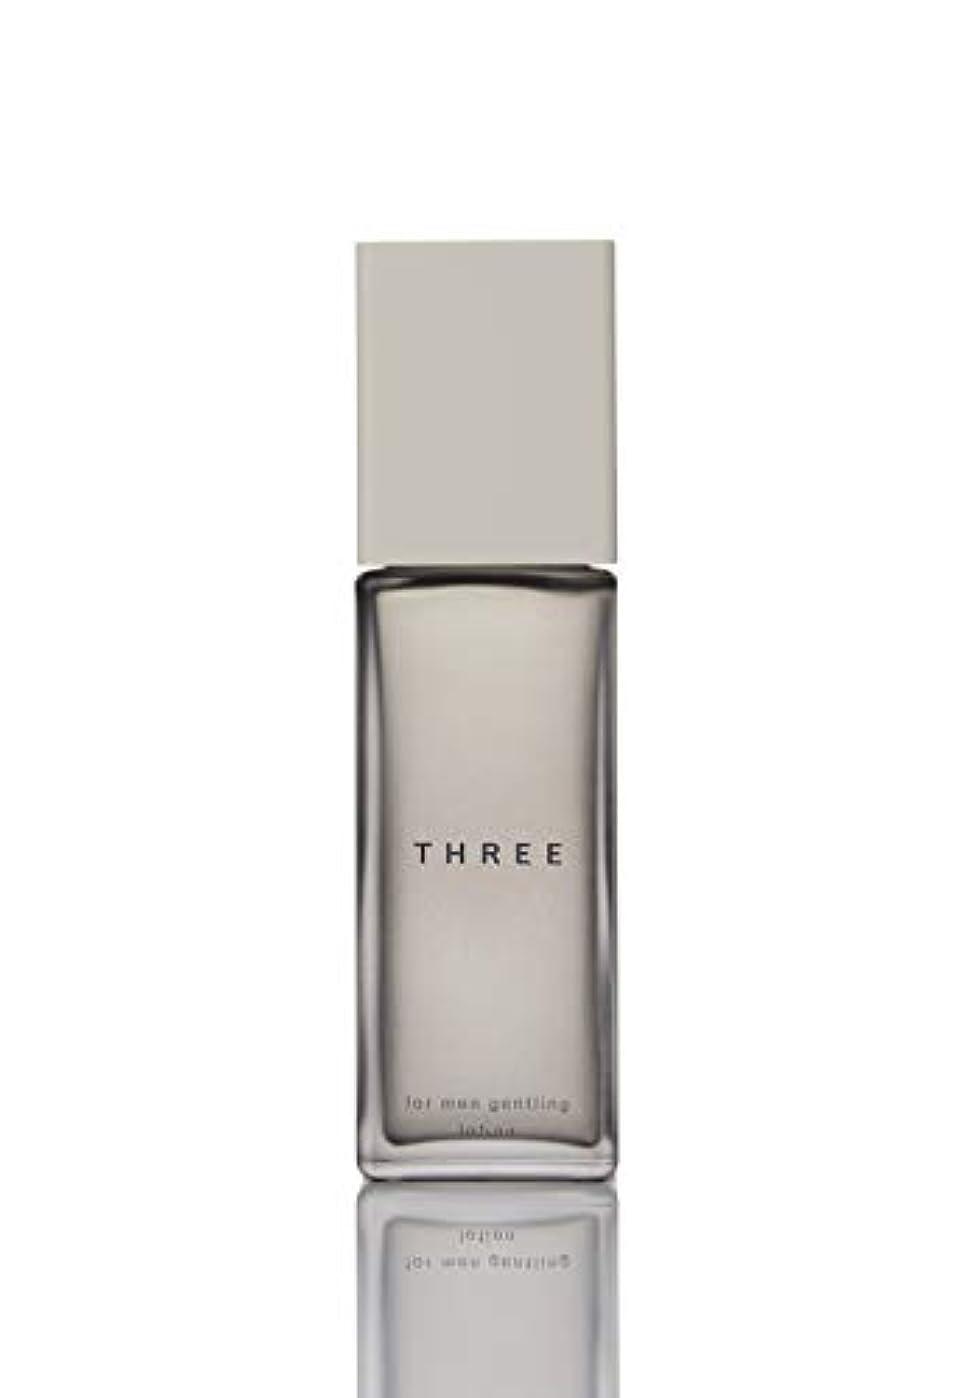 タイマー無心スラダムFIVEISM × THREE(ファイブイズム バイ スリー) THREE フォー?メン ジェントリング ローション 100mL 化粧水